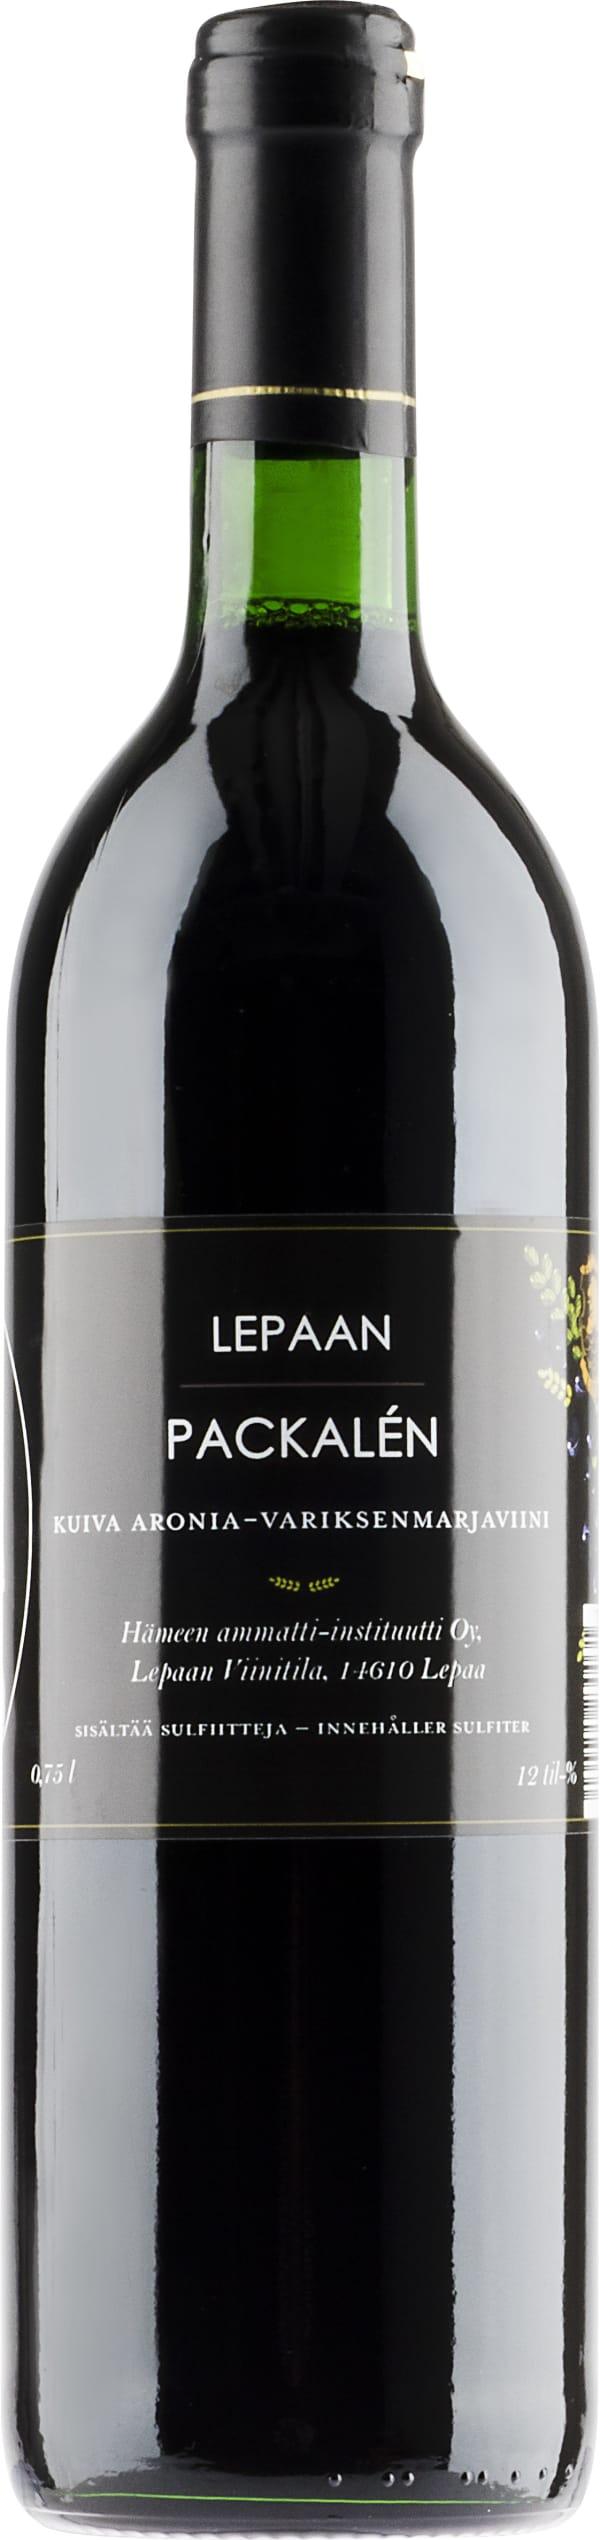 Lepaan Packalén